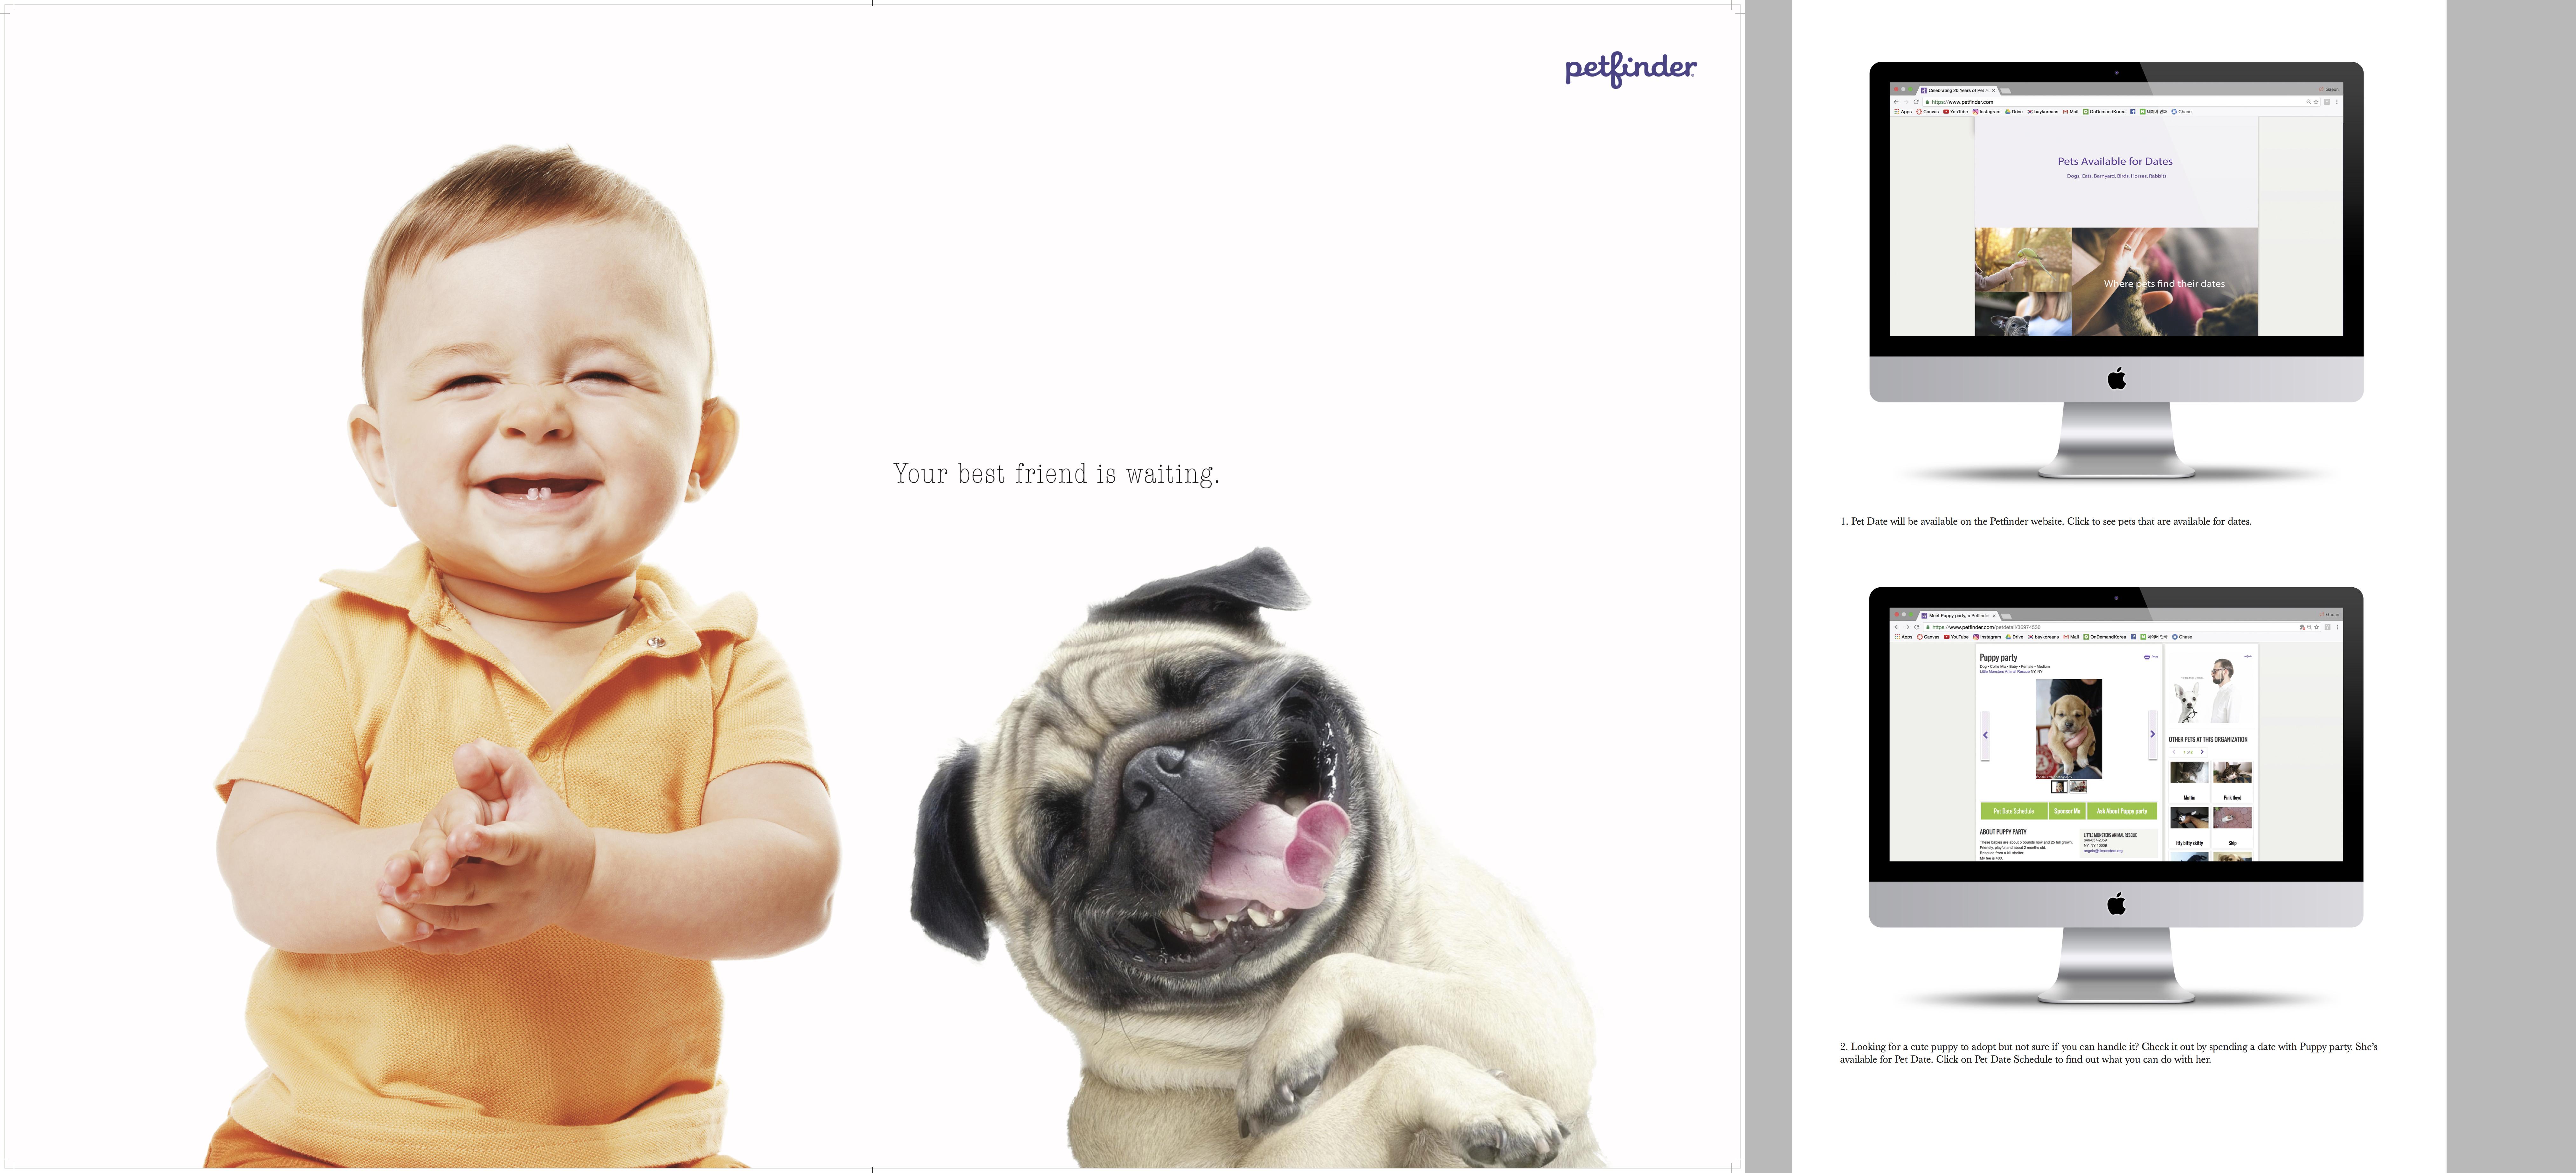 petfinder.com Gaeun Oh